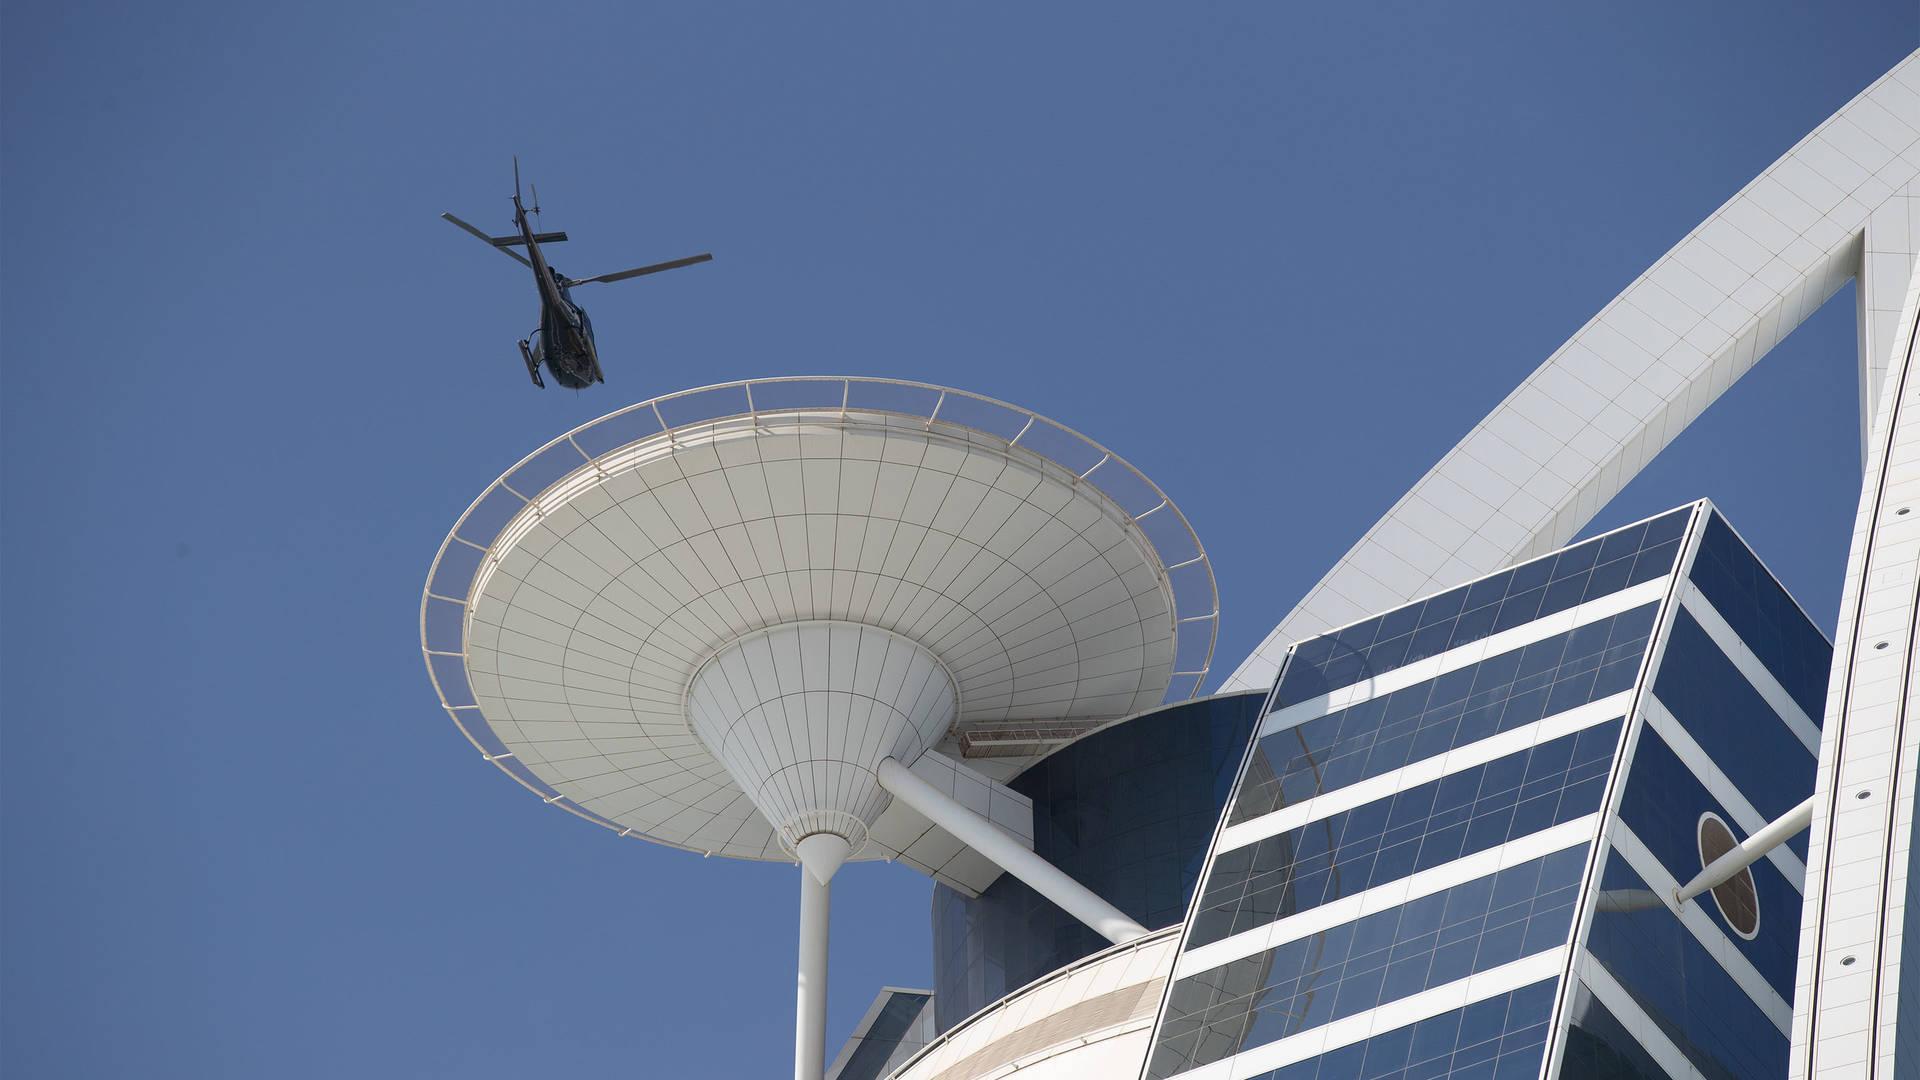 Jumeirah Beach Hotel Helipad